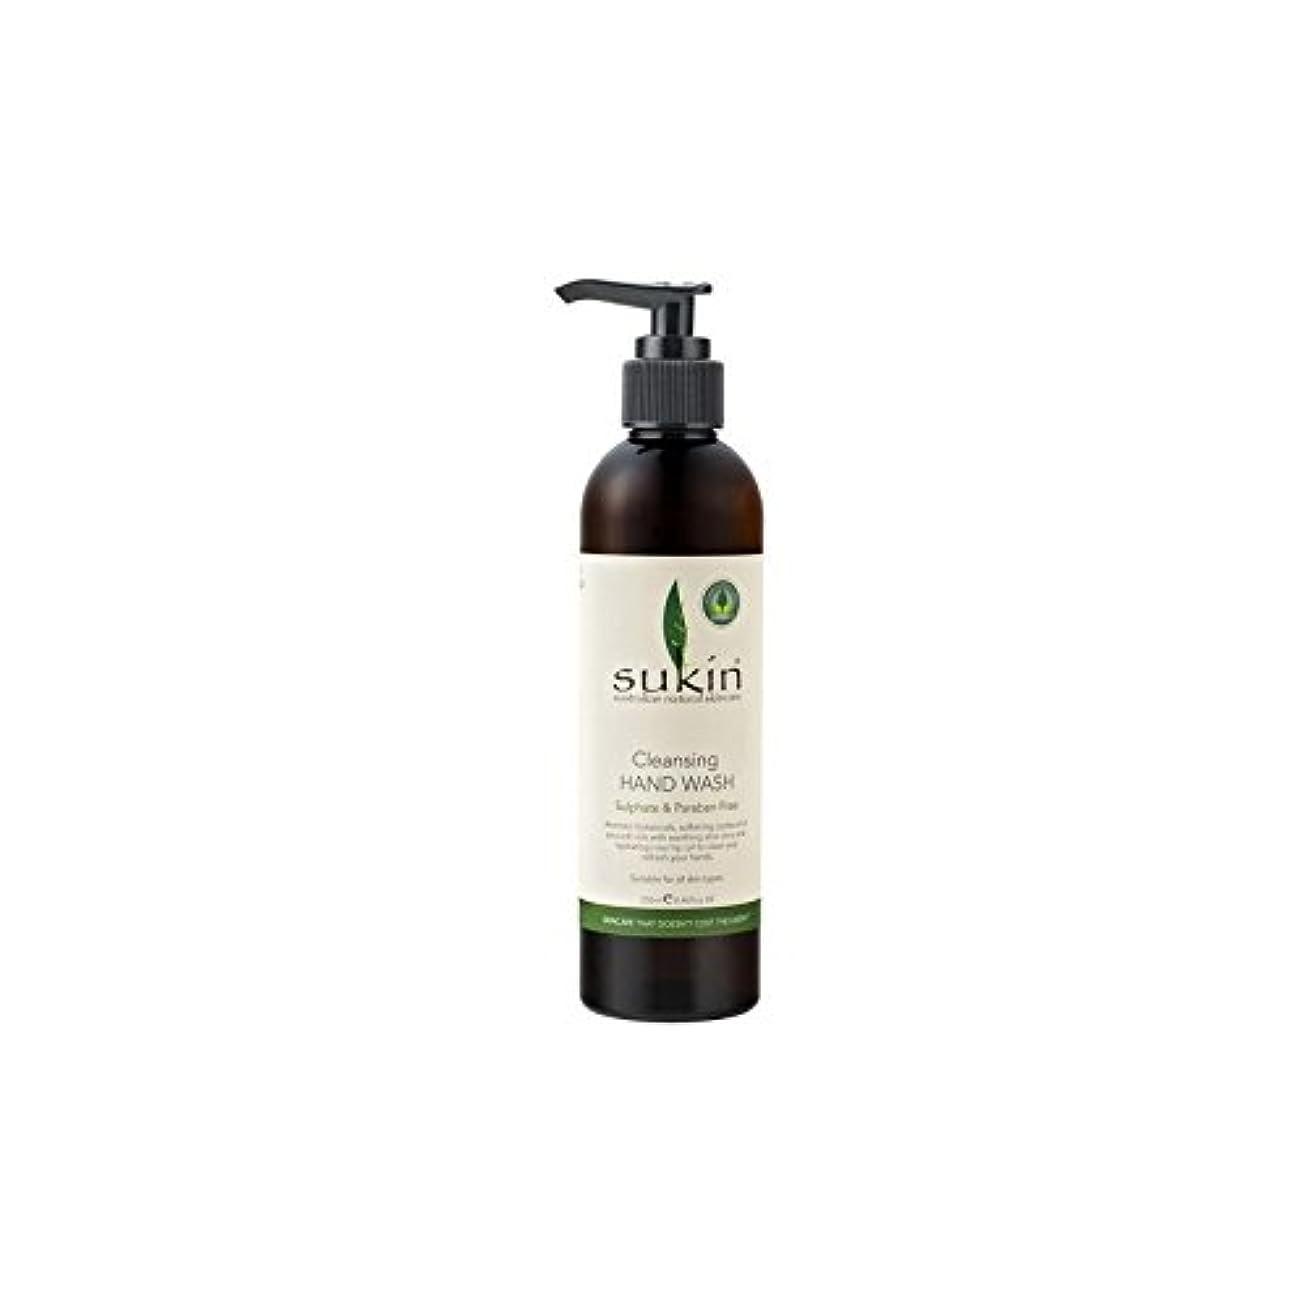 ブリリアントエッセイ興奮するSukin Cleansing Hand Wash (250ml) - クレンジングハンドウォッシュ(250ミリリットル) [並行輸入品]